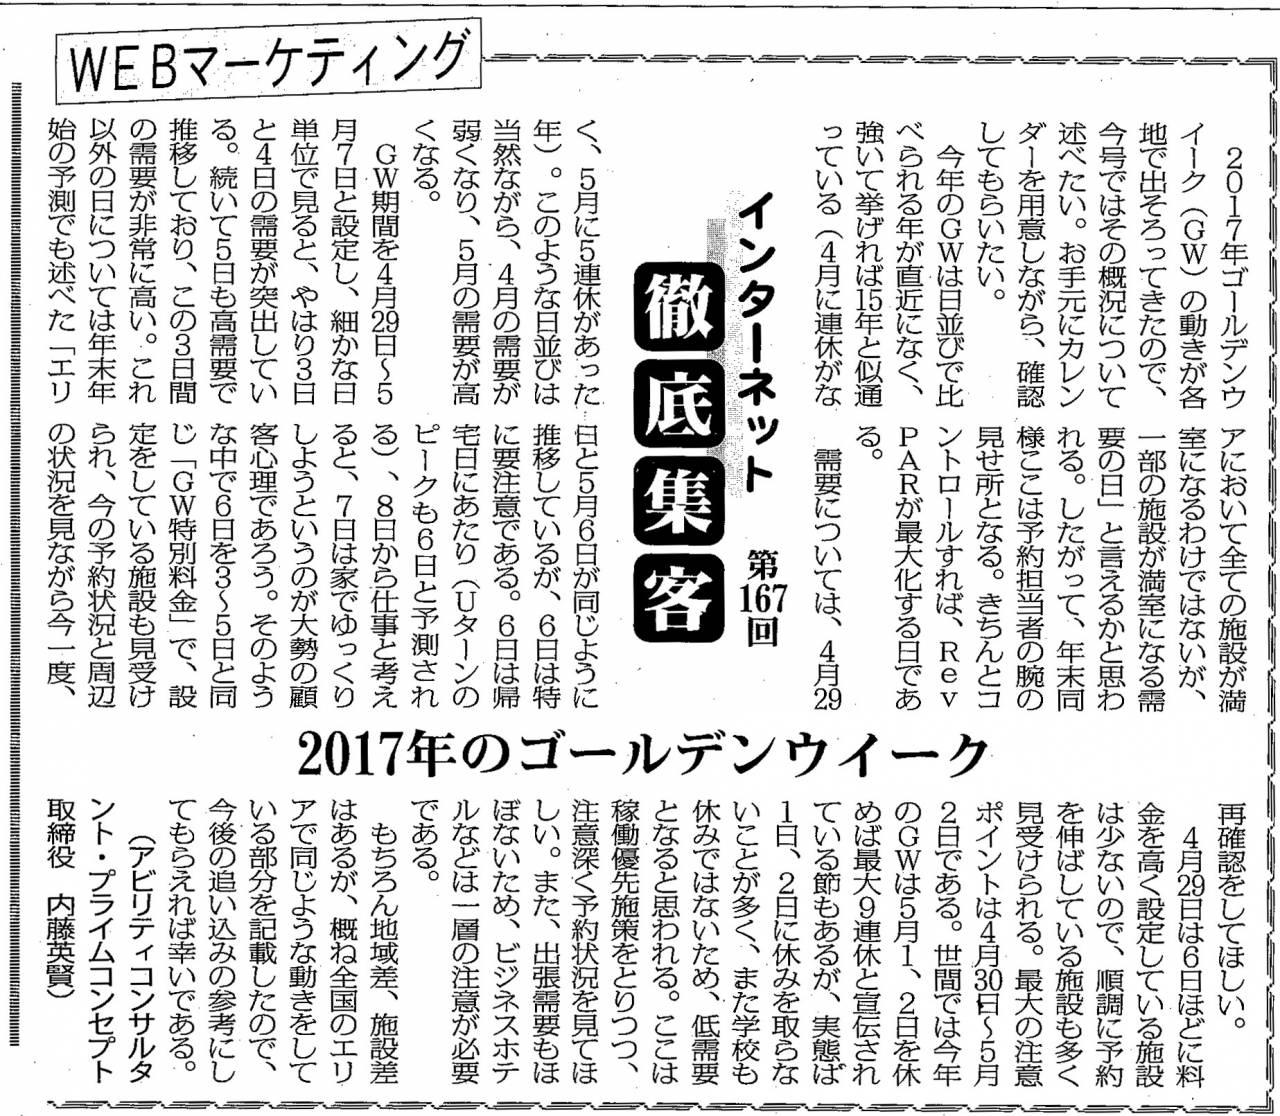 【第167回】WEBマーケティング HPの最新トレンド( 2017年のゴールデンウイーク )